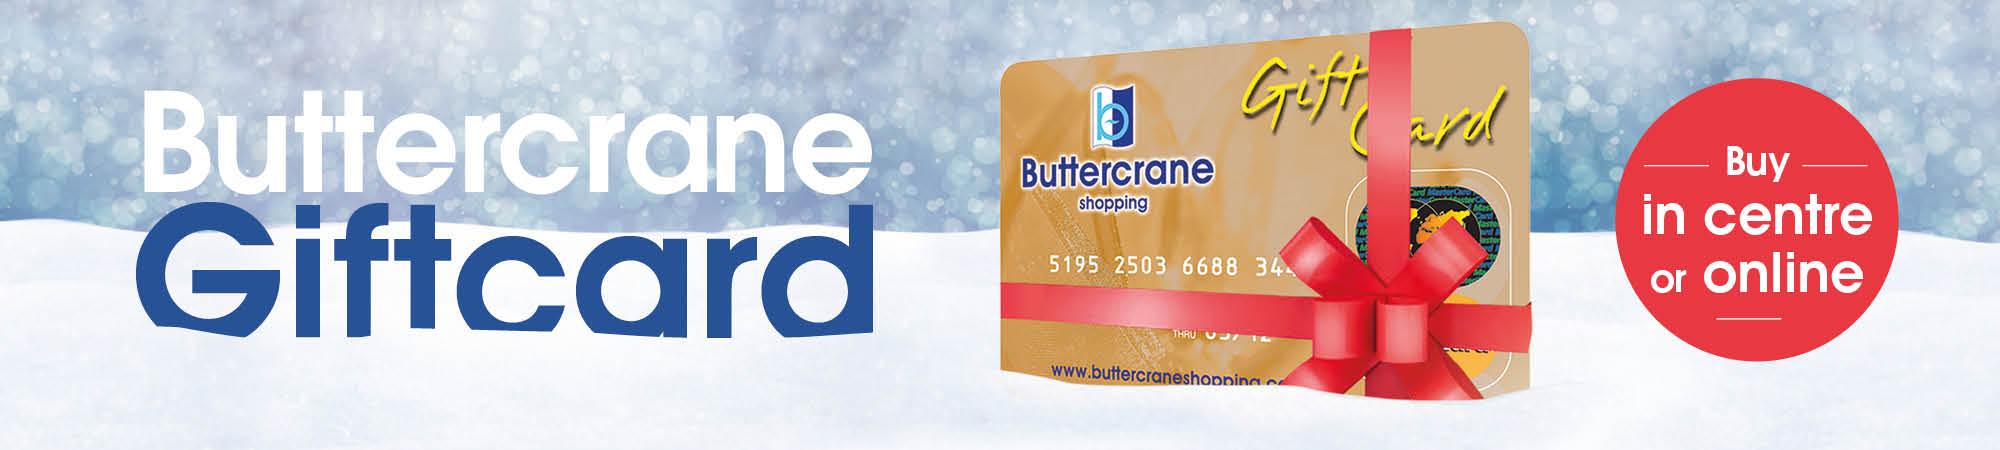 Gift Card Christmas 2018